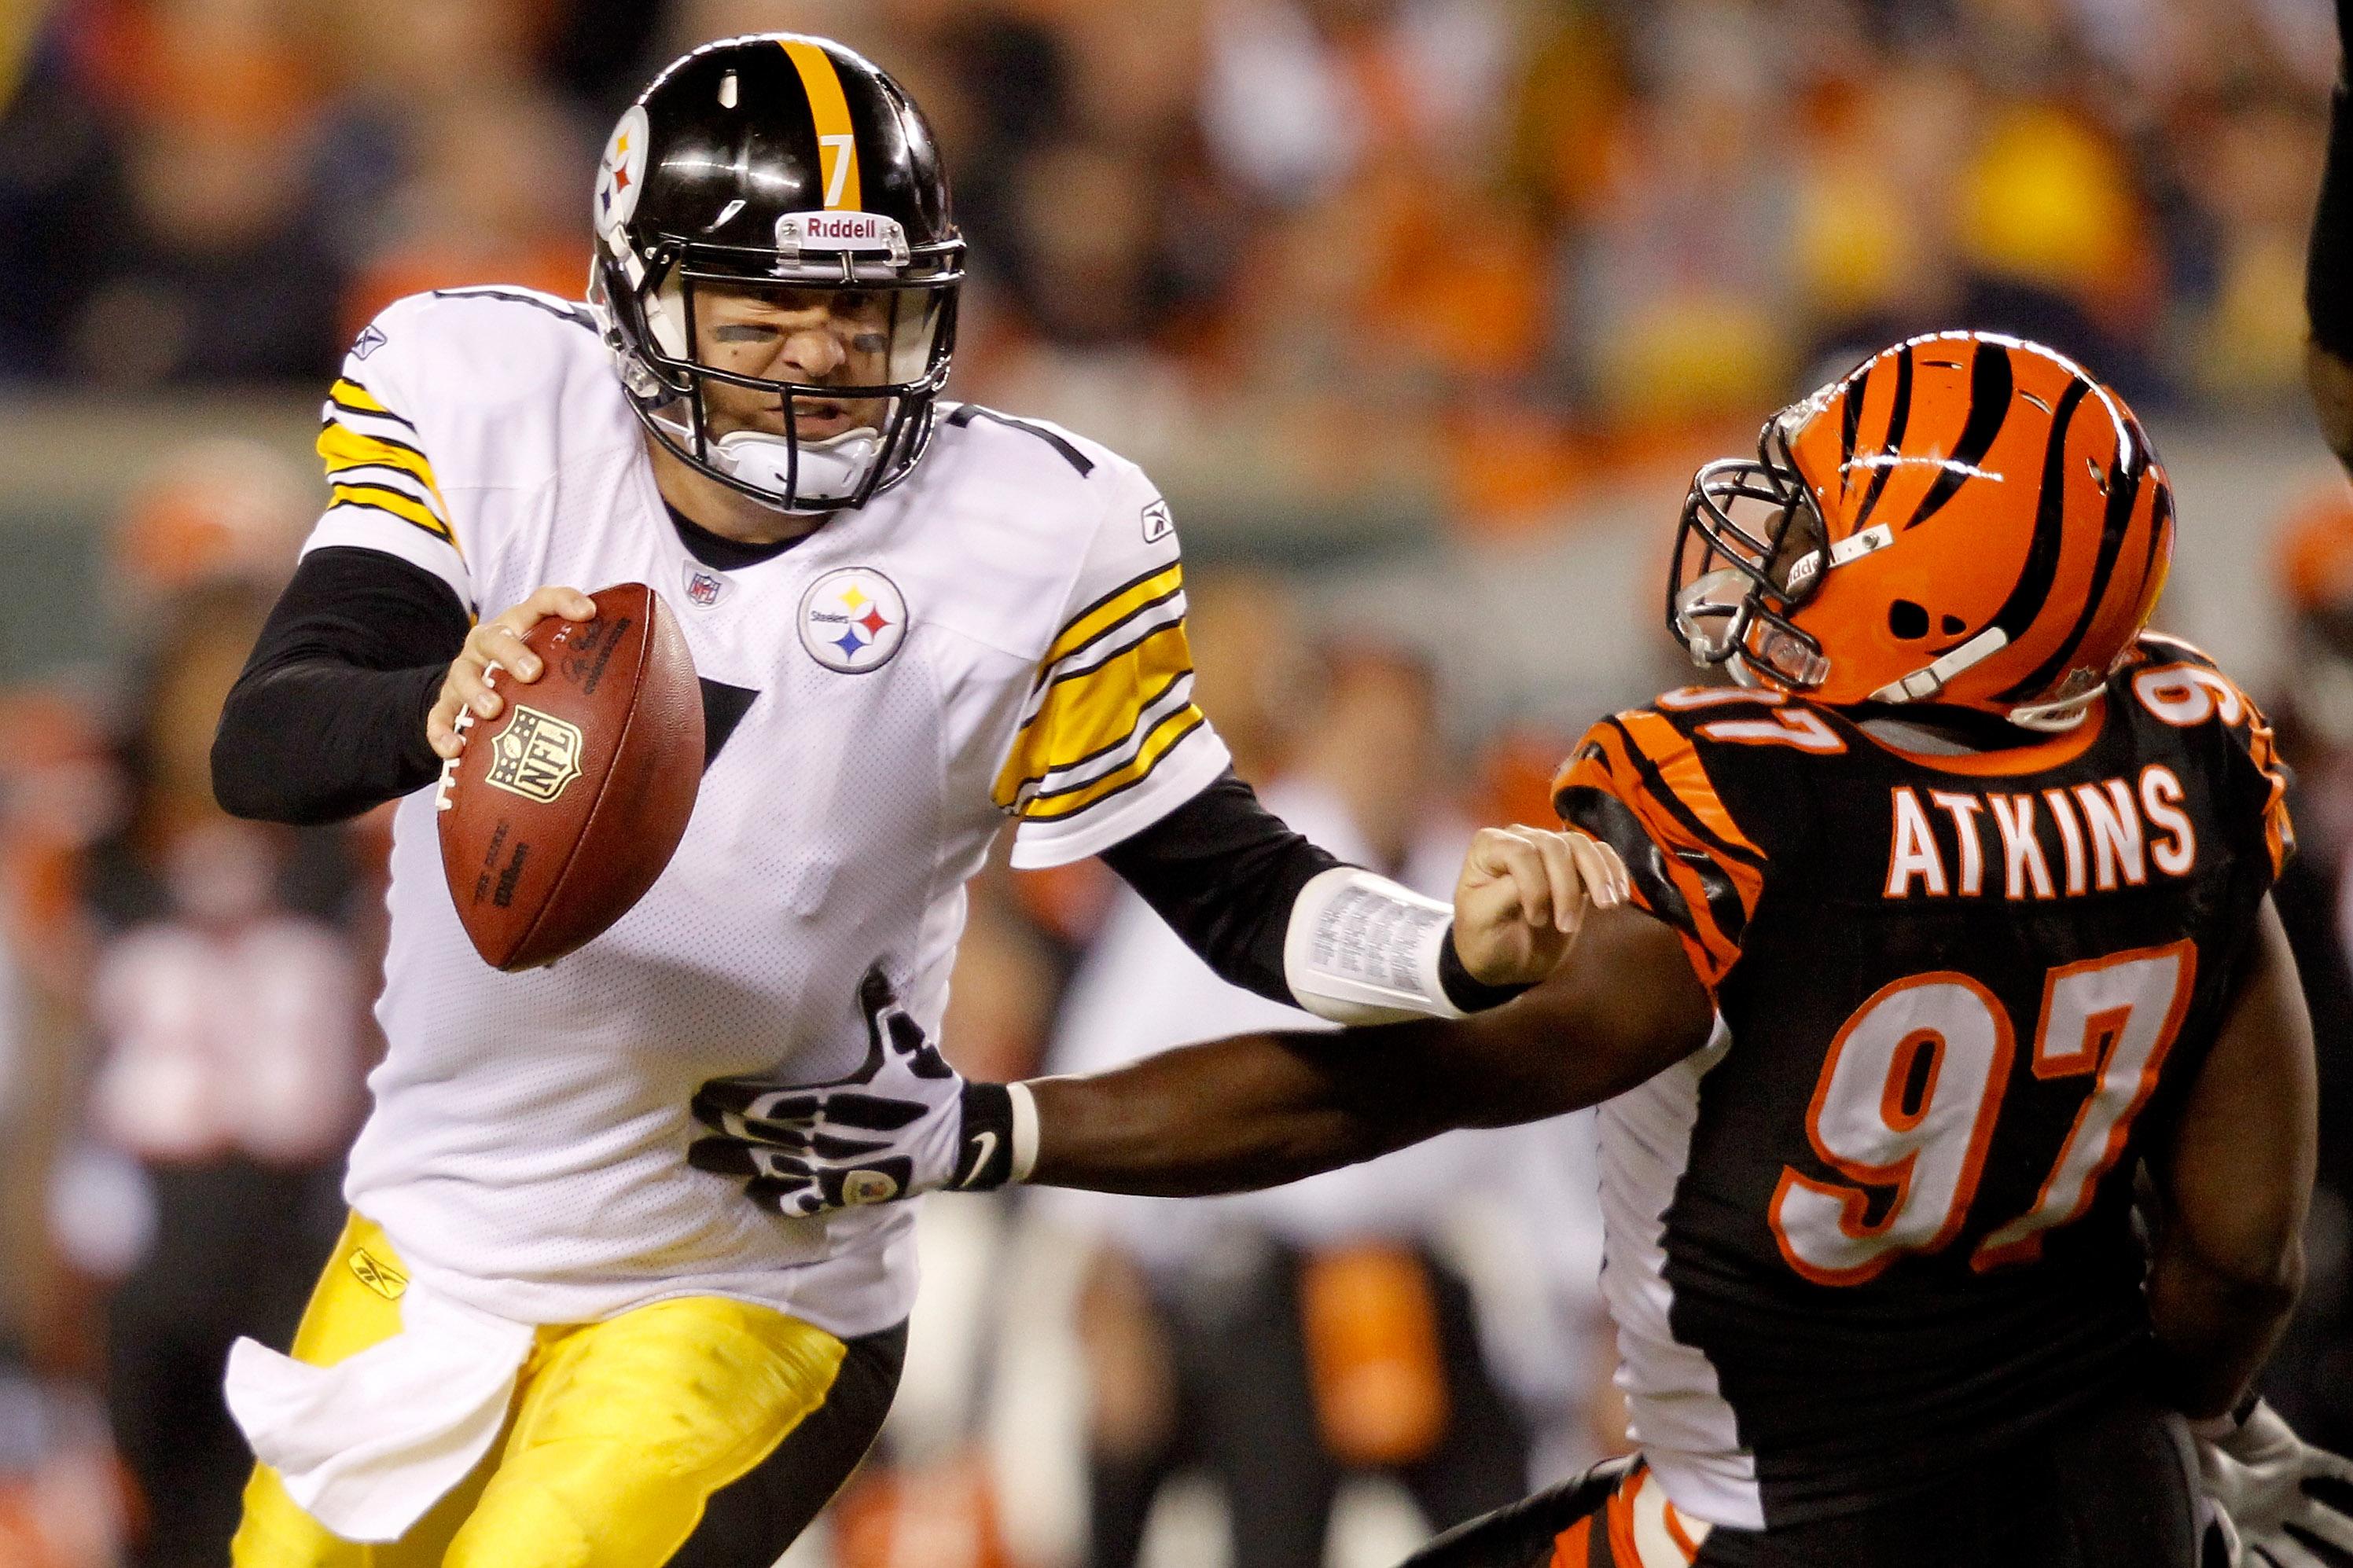 c184790b02c CINCINNATI - NOVEMBER 08  Quarterback Ben Roethlisberger  7 of the  Pittsburgh Steelers breaks free